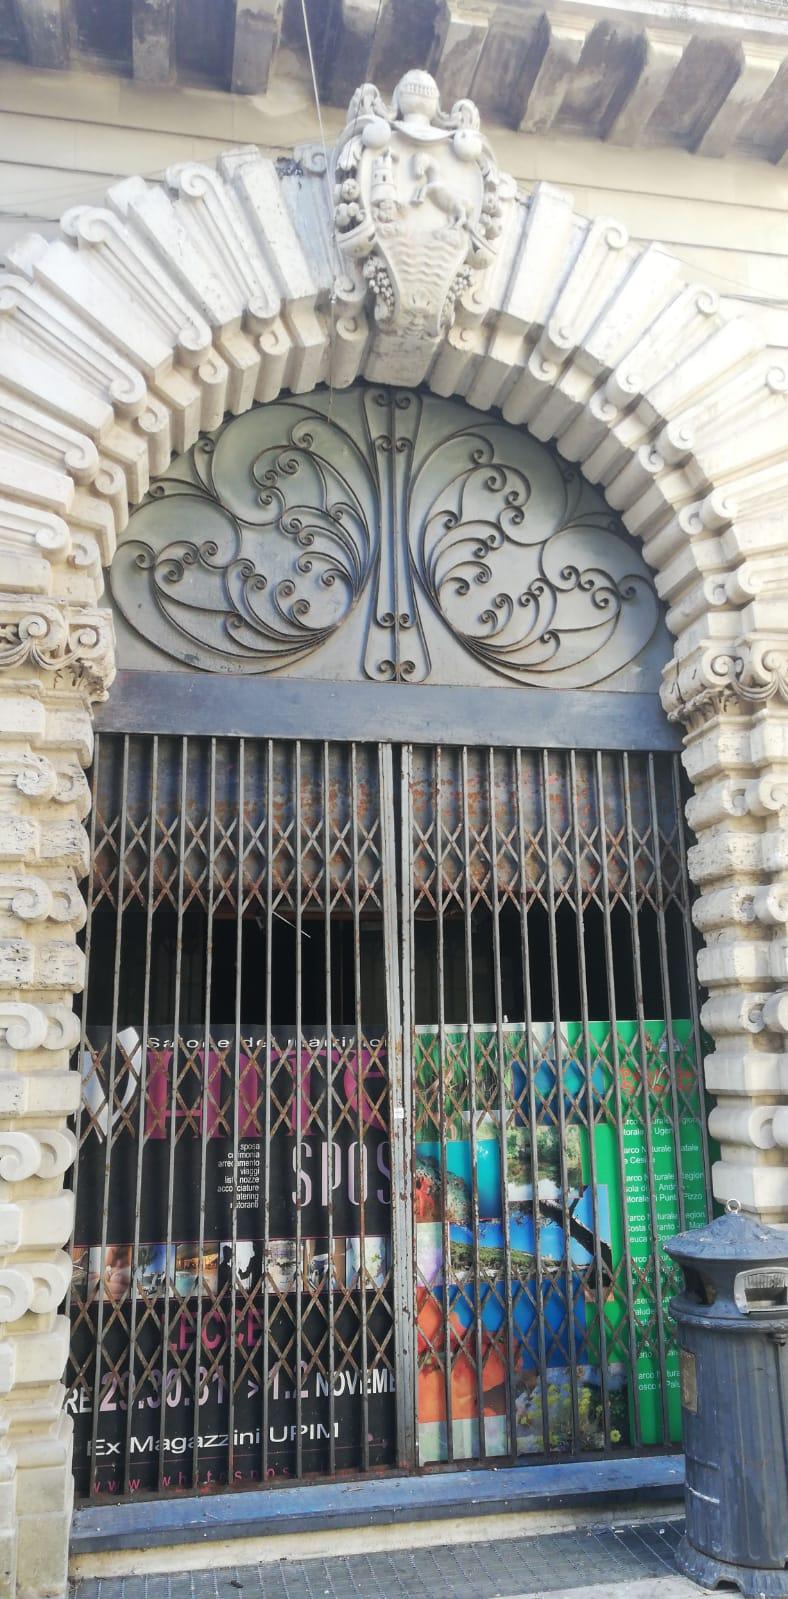 Arco dei Milanesi